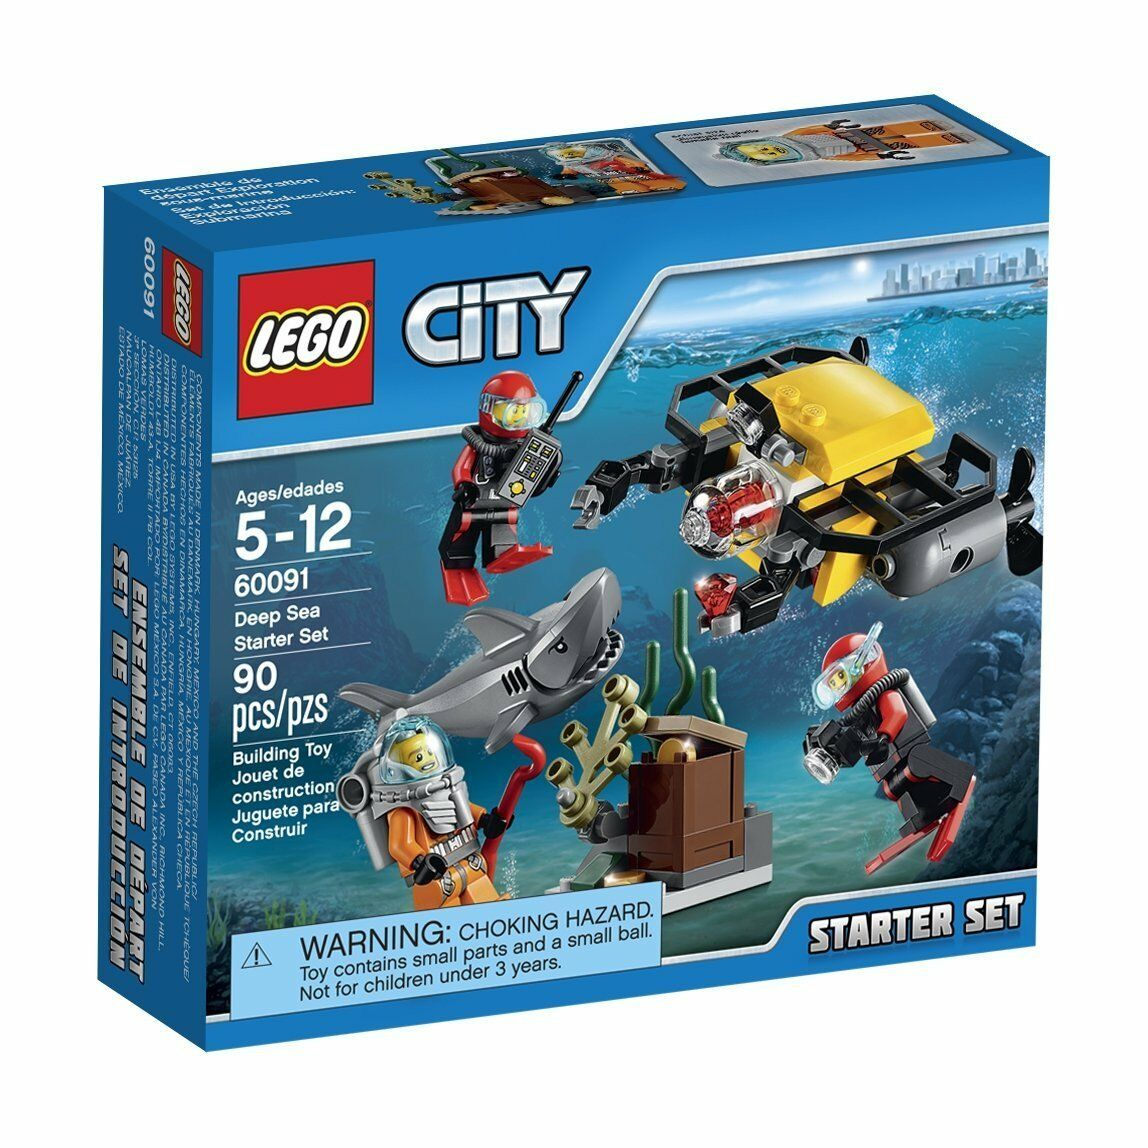 online economico LEGO LEGO LEGO città Deep Sea Estrellater Set (60091)  la migliore selezione di